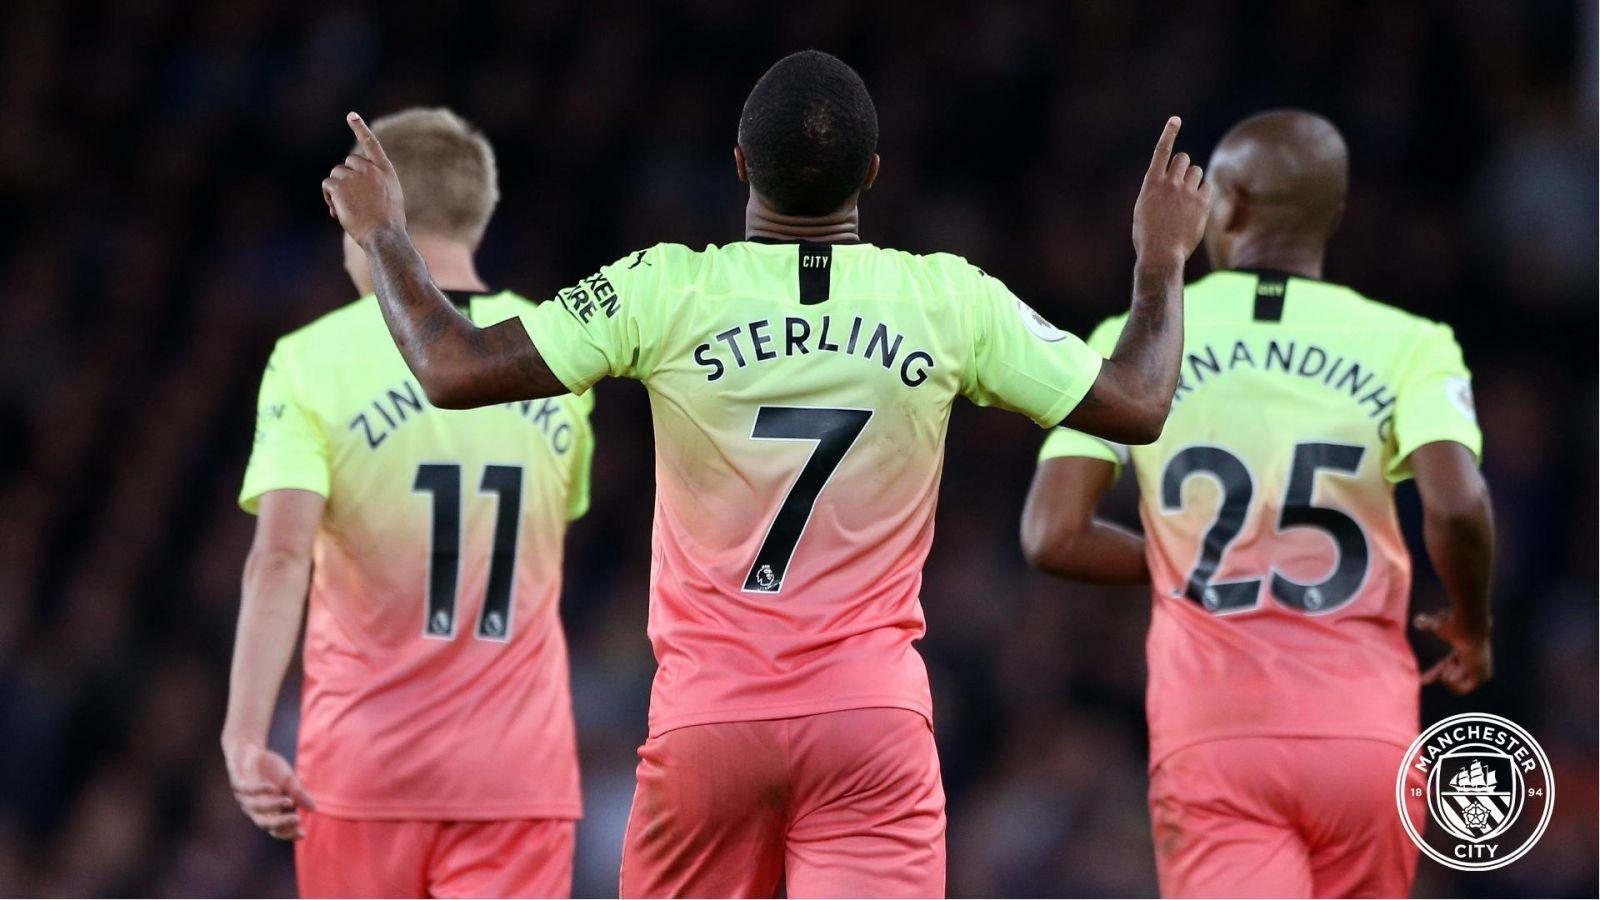 Klasemen Liga Inggris 2019/2020 mengalami perubahan setelah laga Everton vs Manchester City di Goodison Park, Sabtu (28/9) malam WIB. Foto: Twitter Manchester City